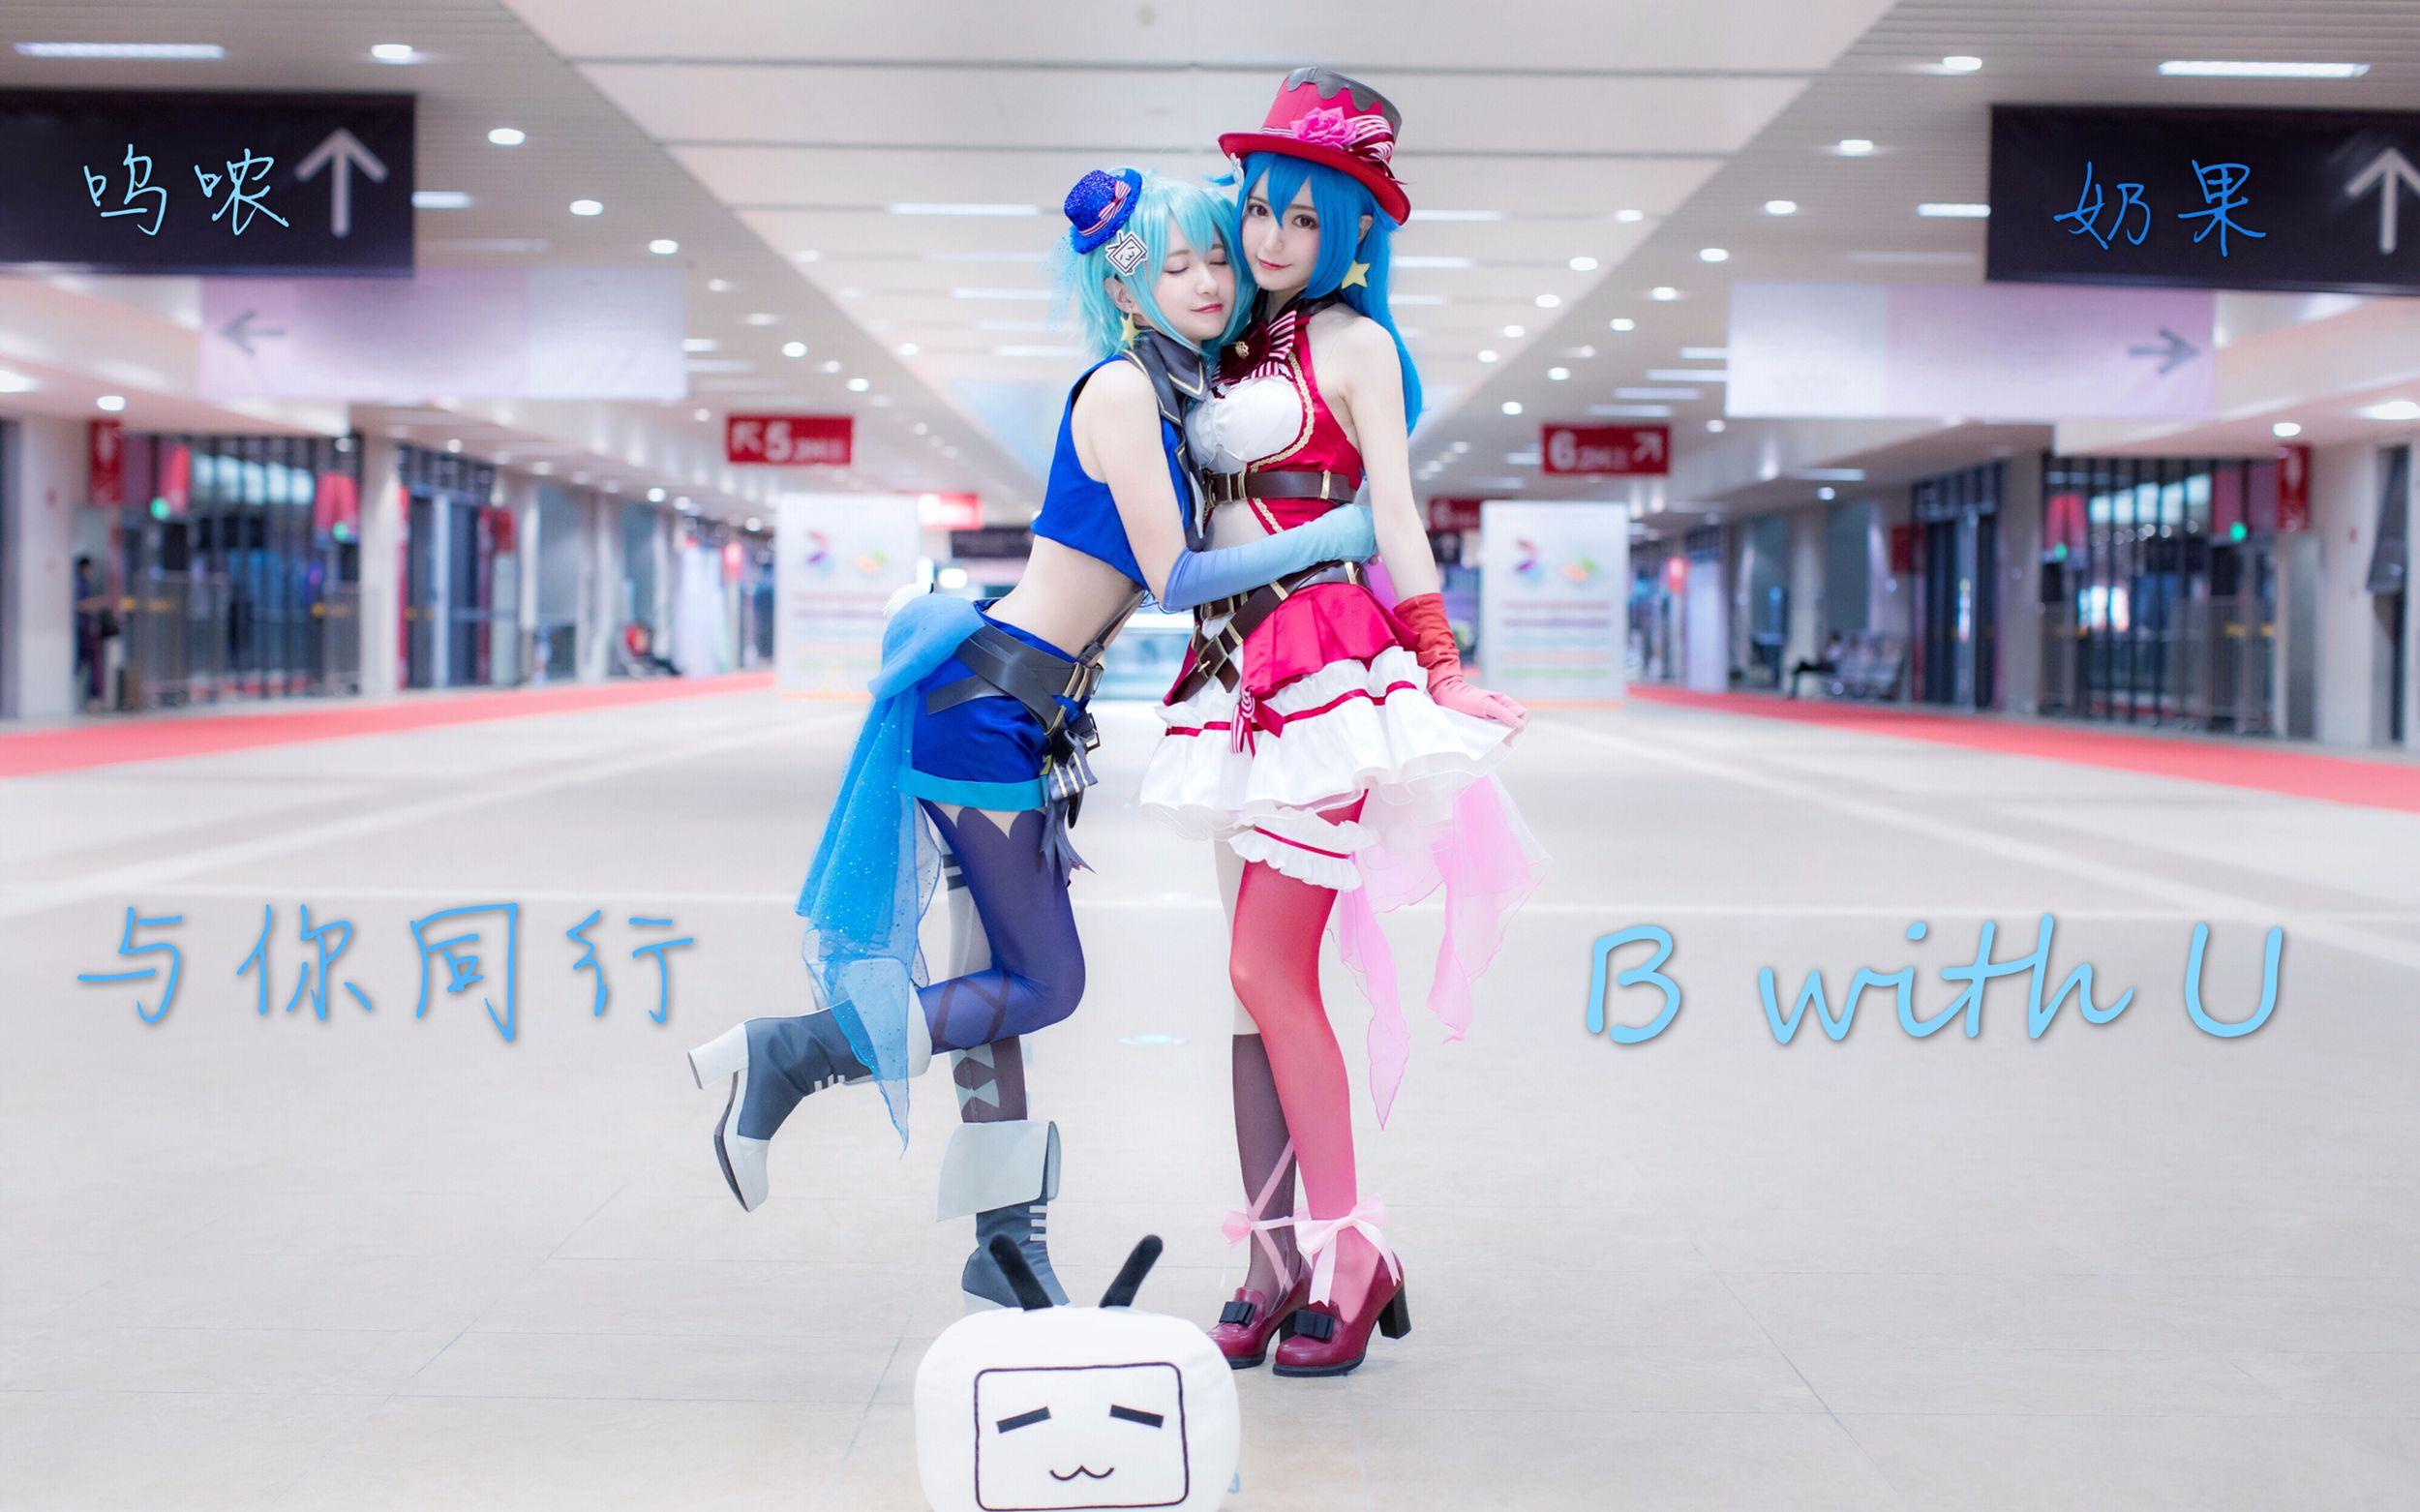 【呜哝x奶果】与你同行~B WITH U~(拜年祭2233)